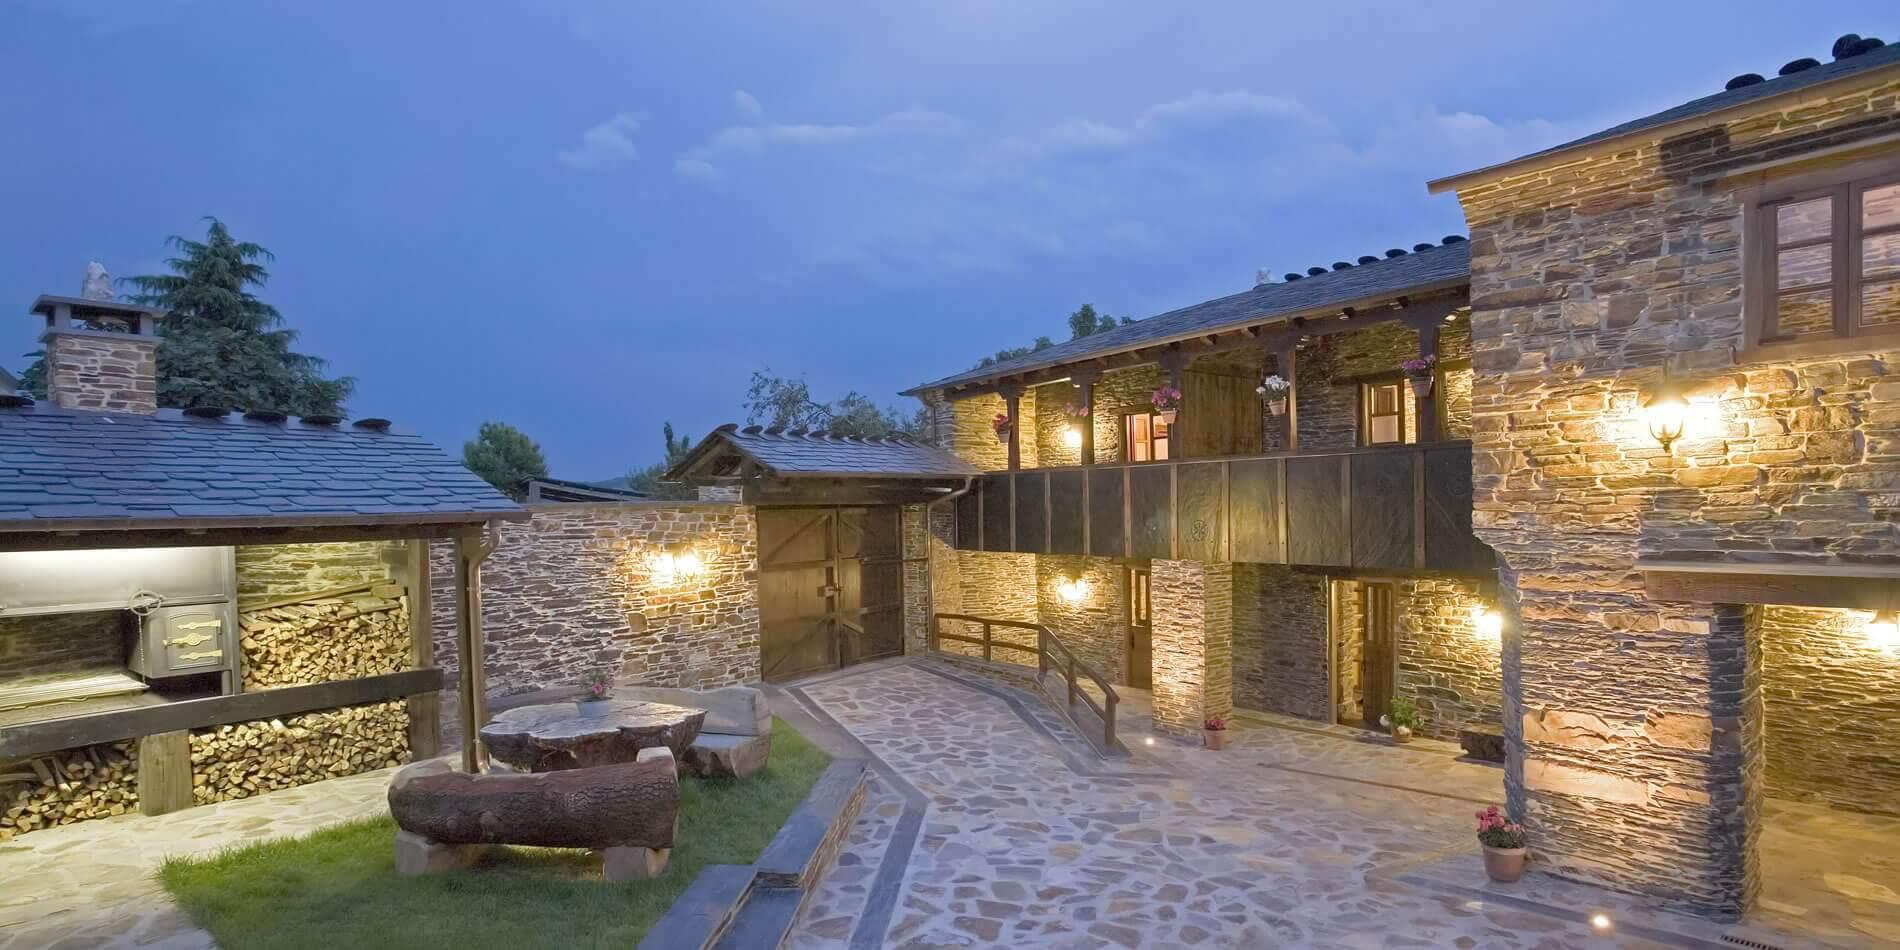 Balc n de oscos casa rural en entorno privilegiado para hacer turismo rural y senderismo por oscos - Casas rurales galicia con piscina ...